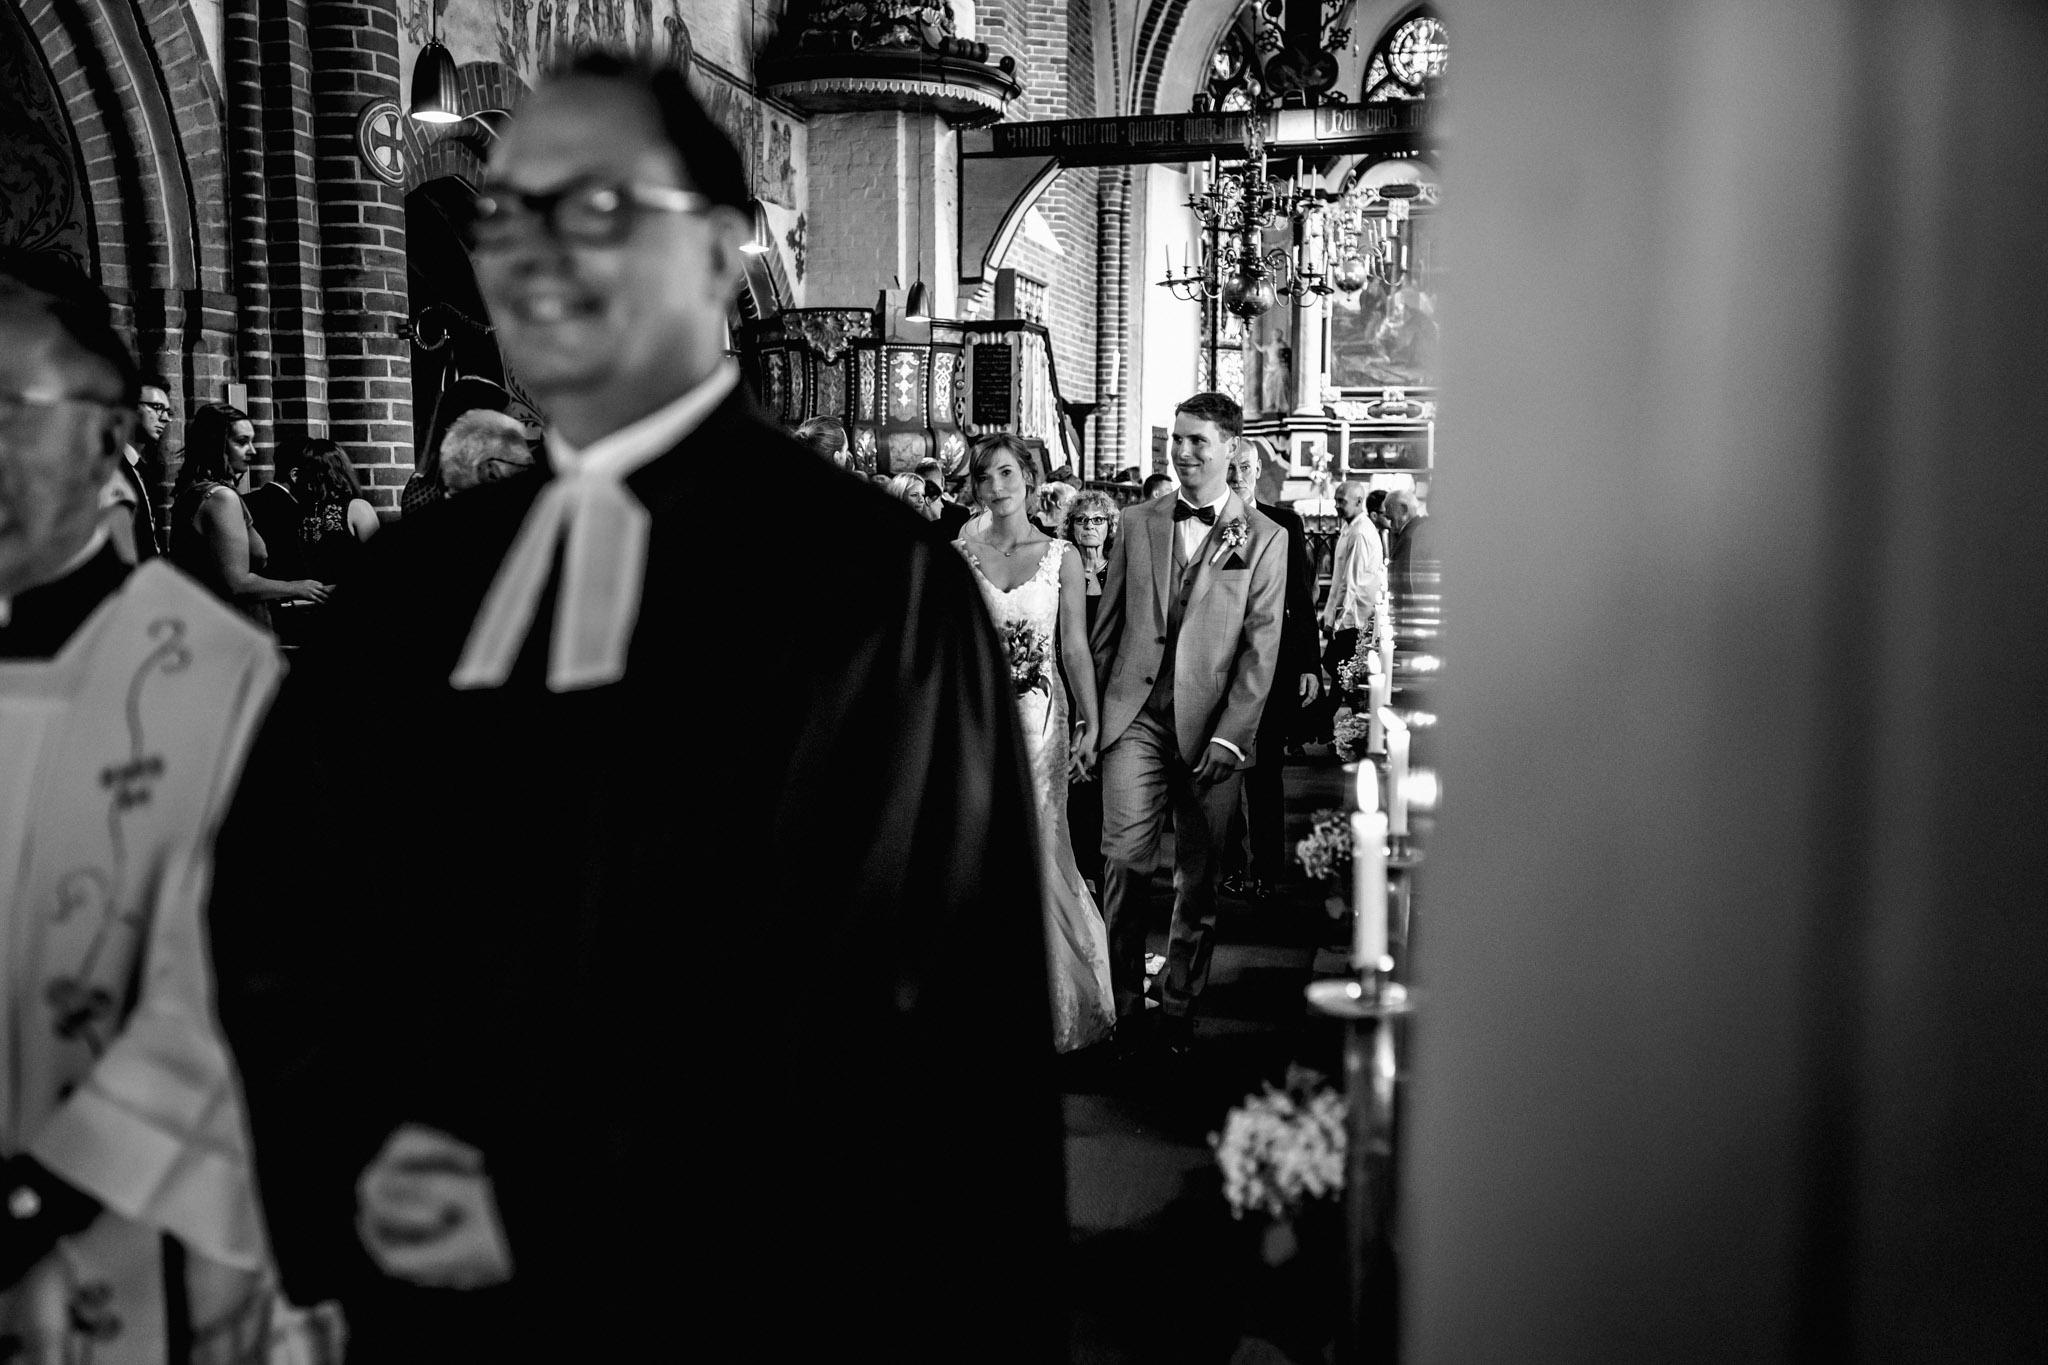 Sven Schomburg Hochzeitsfotografie, Hamburg, Mölln, Hochzeitsfieber by Photo-Schomburg, Hochzeitsreportage, Forsthaus Waldhusen, Braut, Bräutigam-44